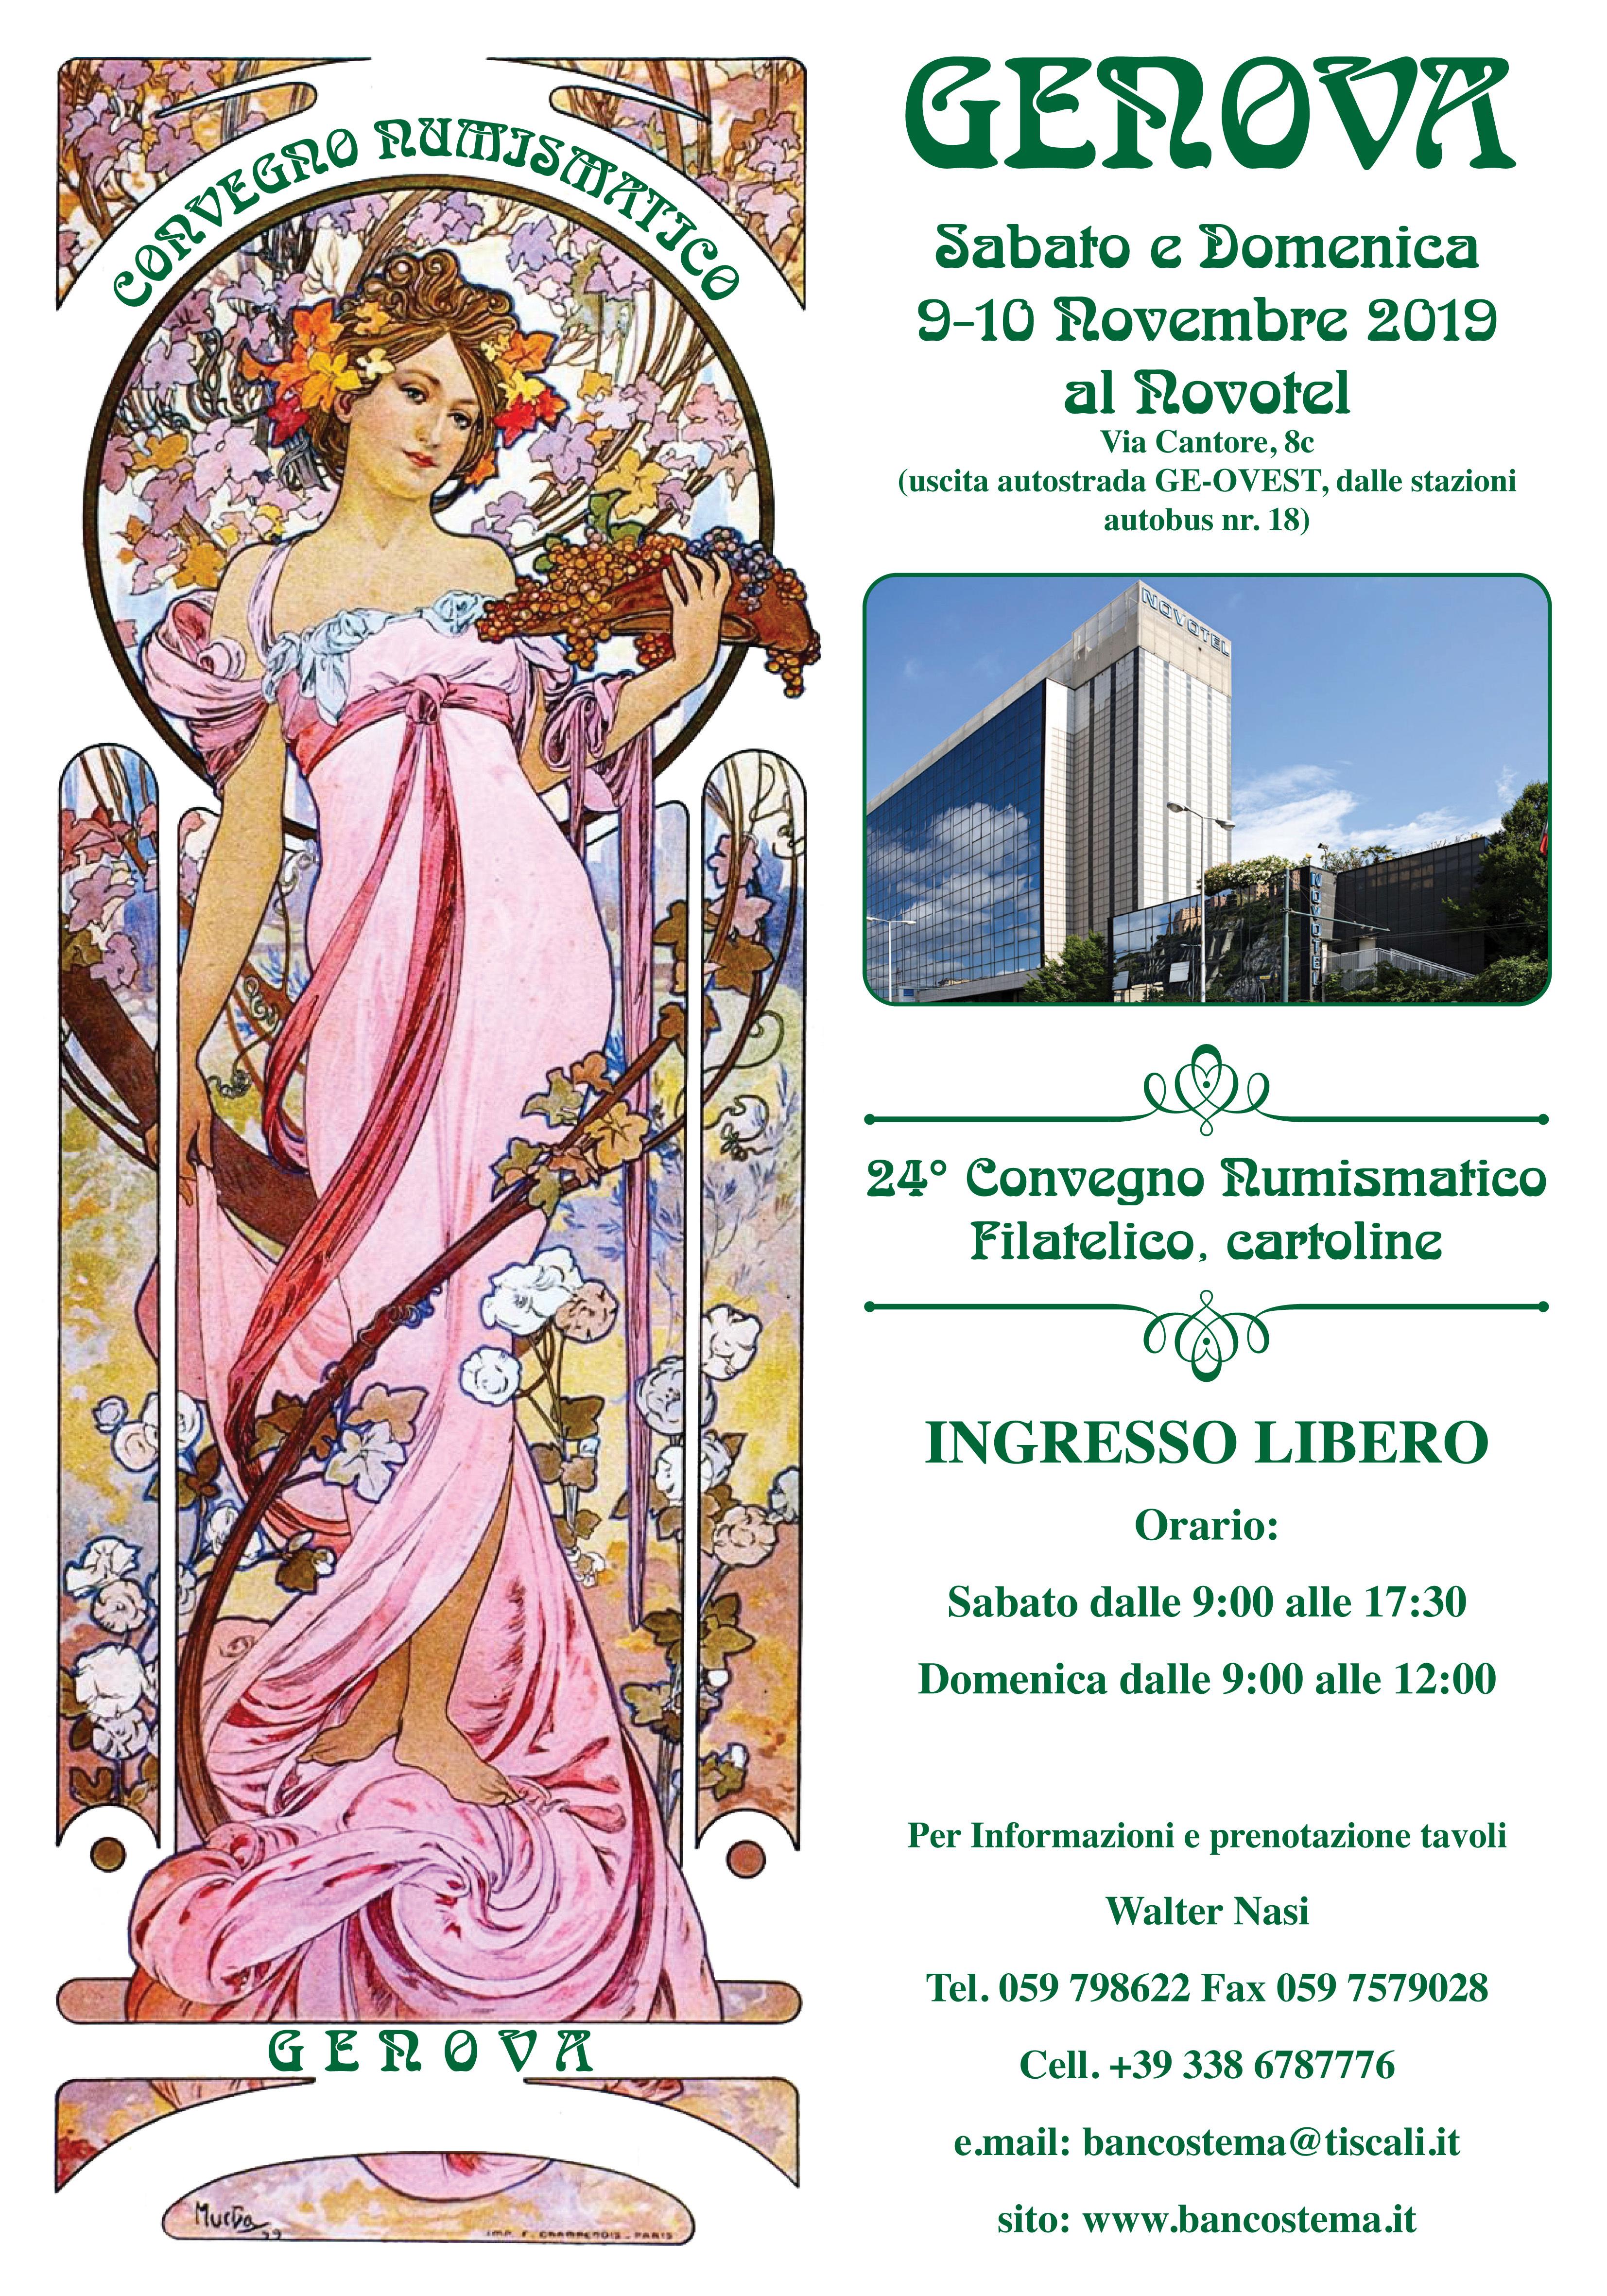 Convegno_Numismatico_Genova_Novotel_09_e_10_Novembre_2019